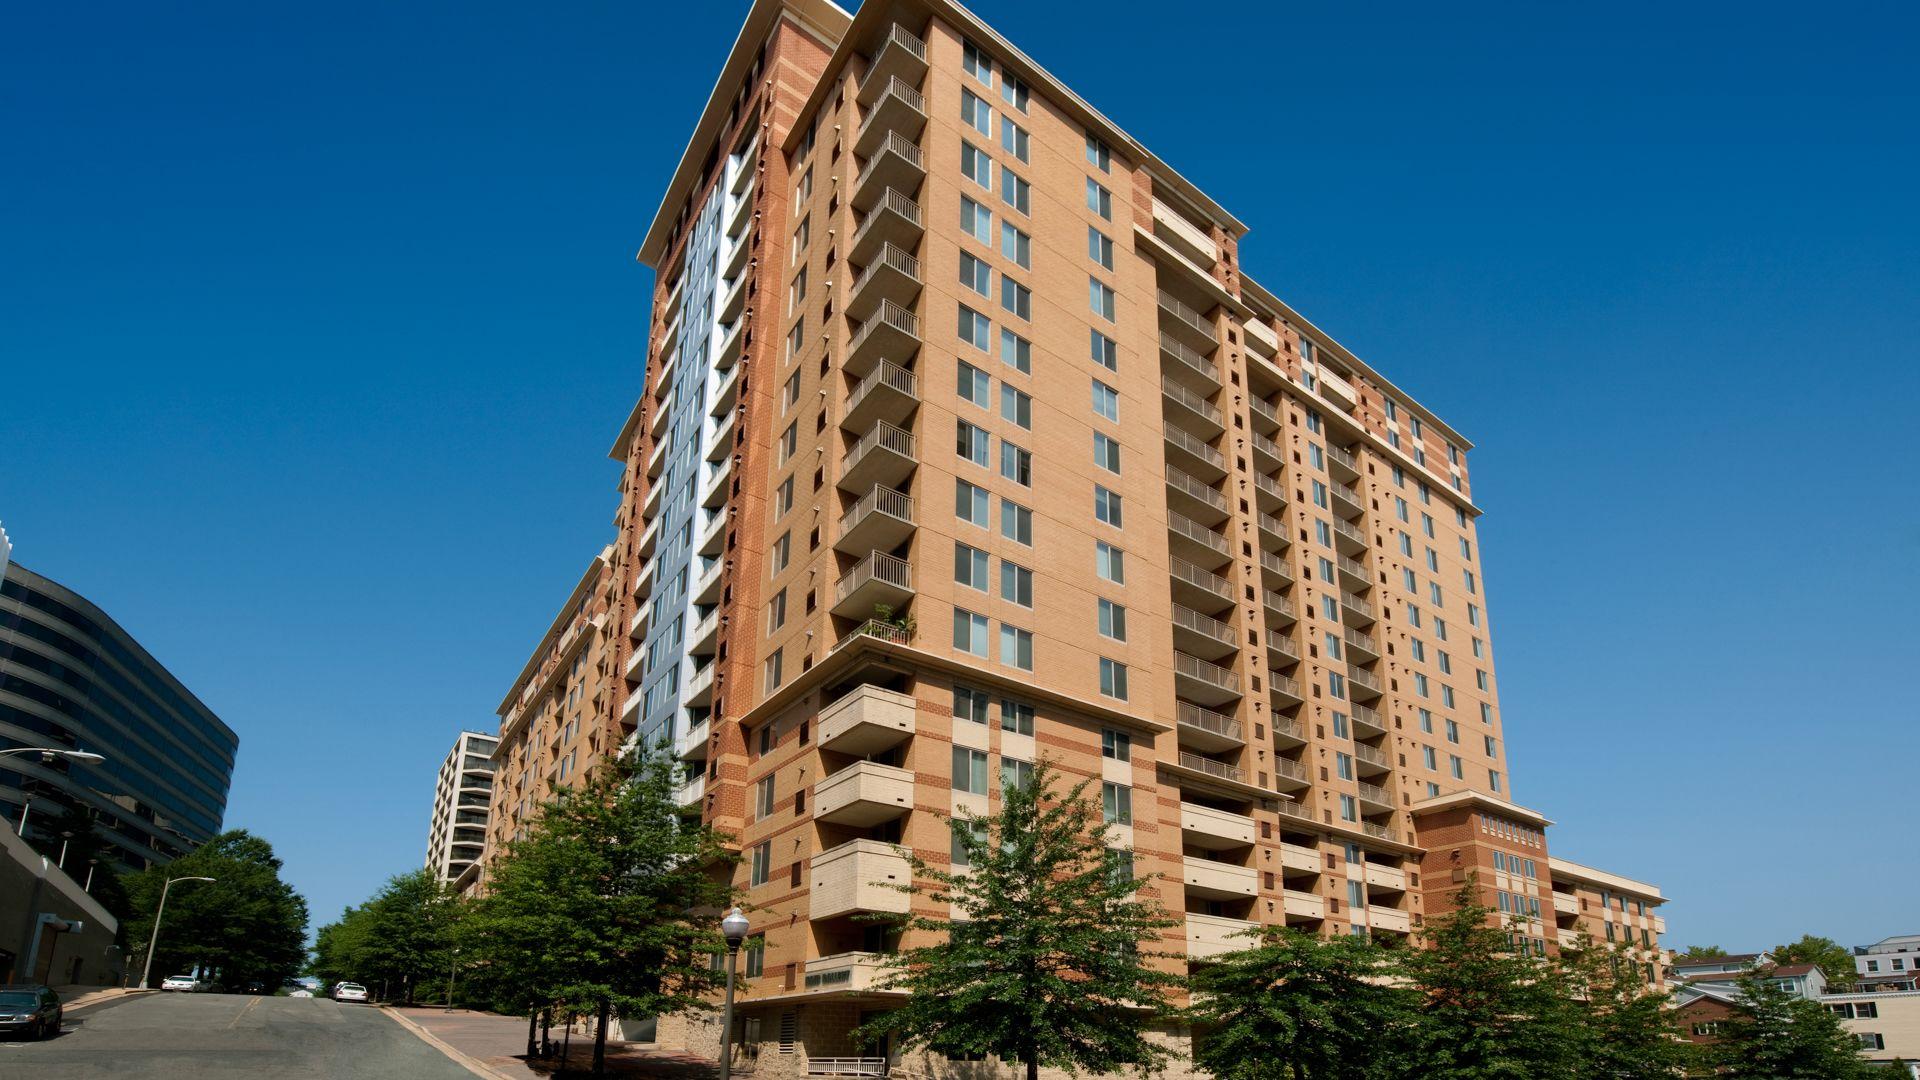 1800 Oak Apartments in Rosslyn, Arlington - 1800 North Oak Street ...